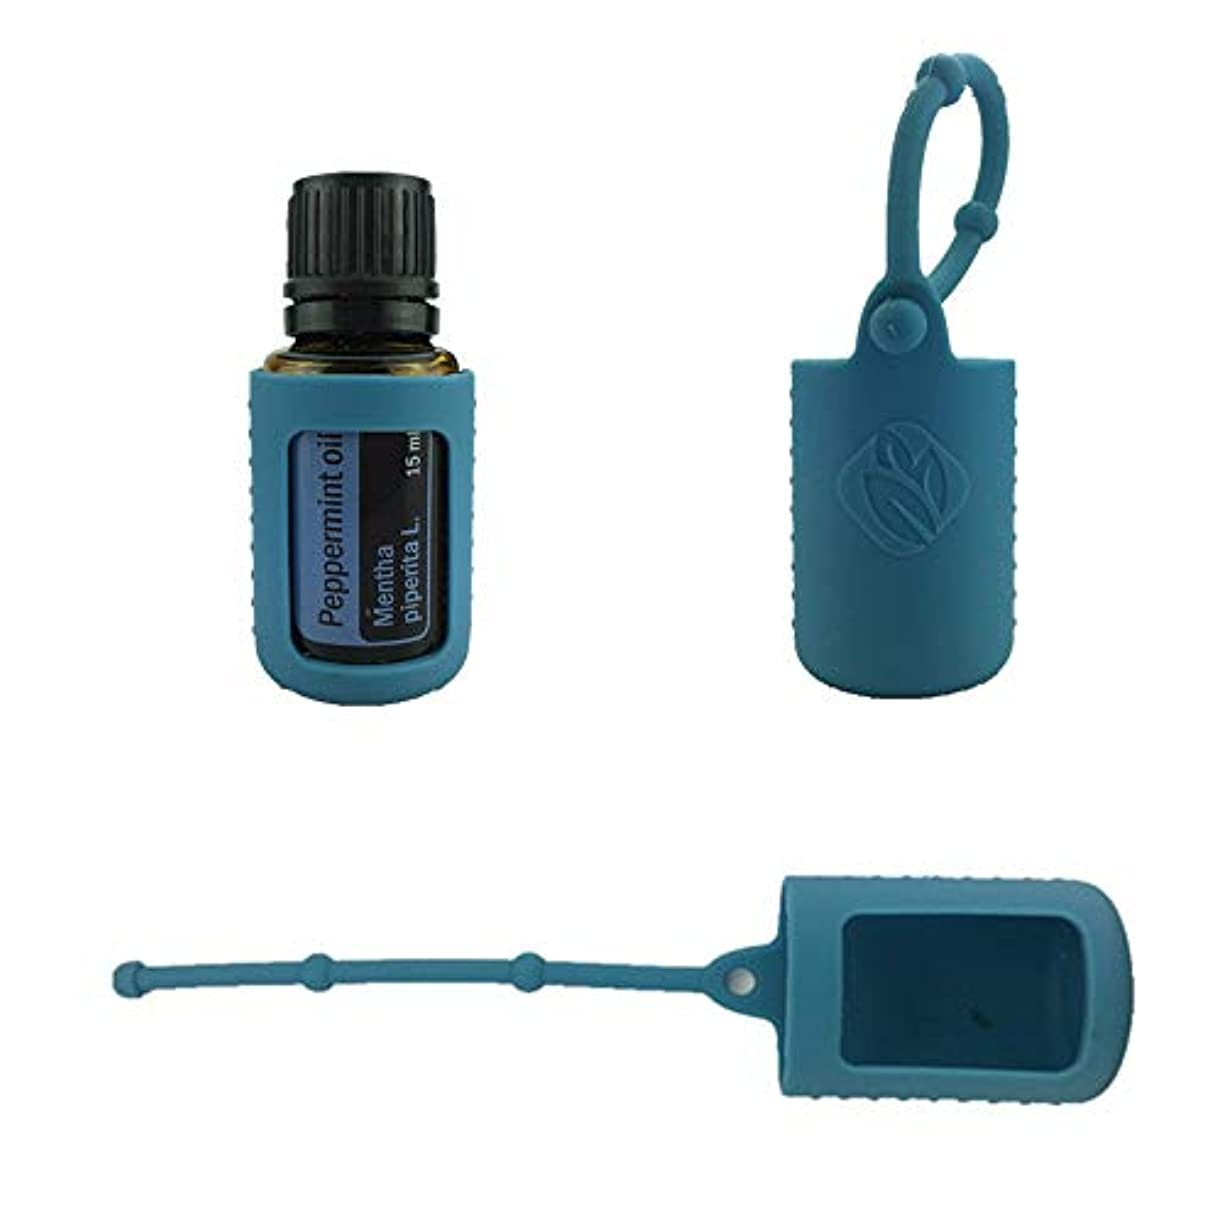 有力者漏斗バラバラにする6パック熱望オイルボトルシリコンローラーボトルホルダースリーブエッセンシャルオイルボトル保護カバーケースハングロープ - ダンク ブルー - 6-pcs 10ml